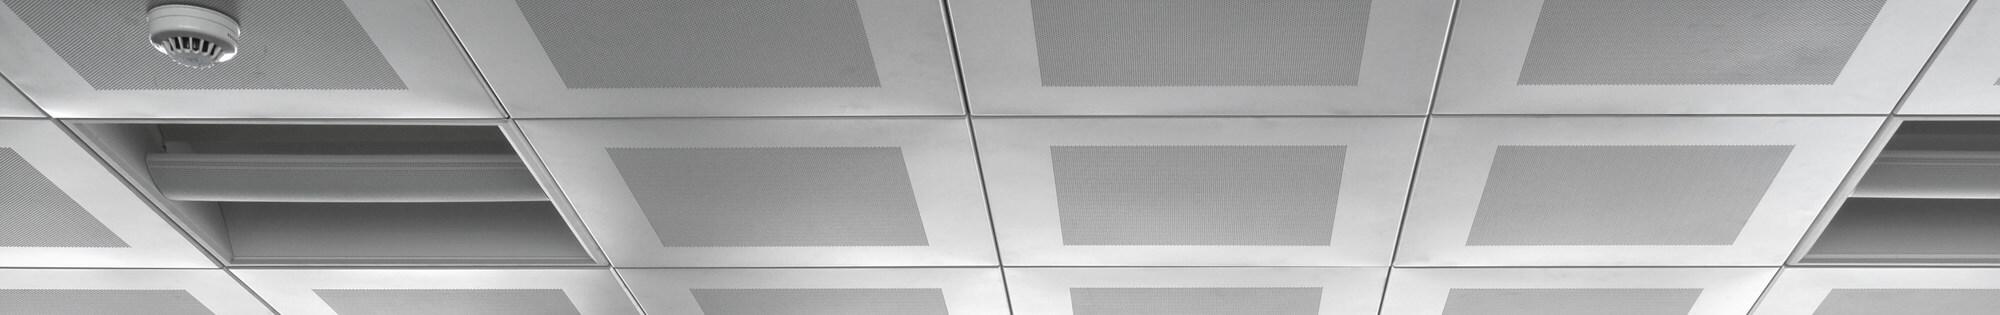 ceilings-150-19